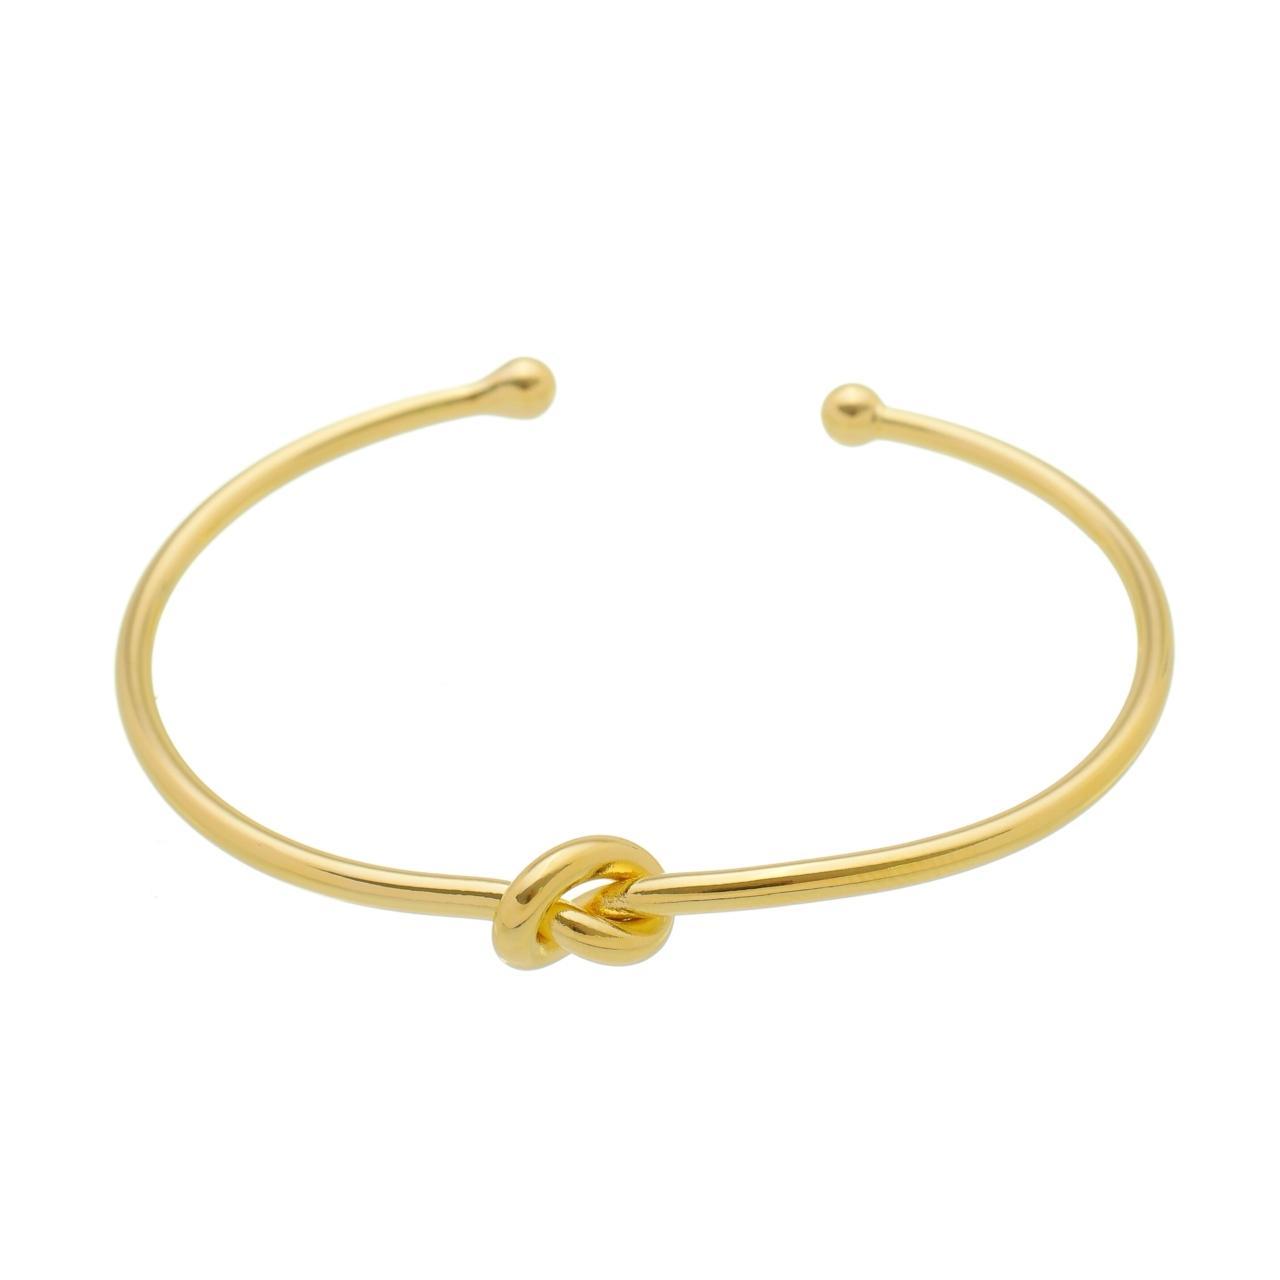 Bracelete Nó Banhada em Ouro 18K